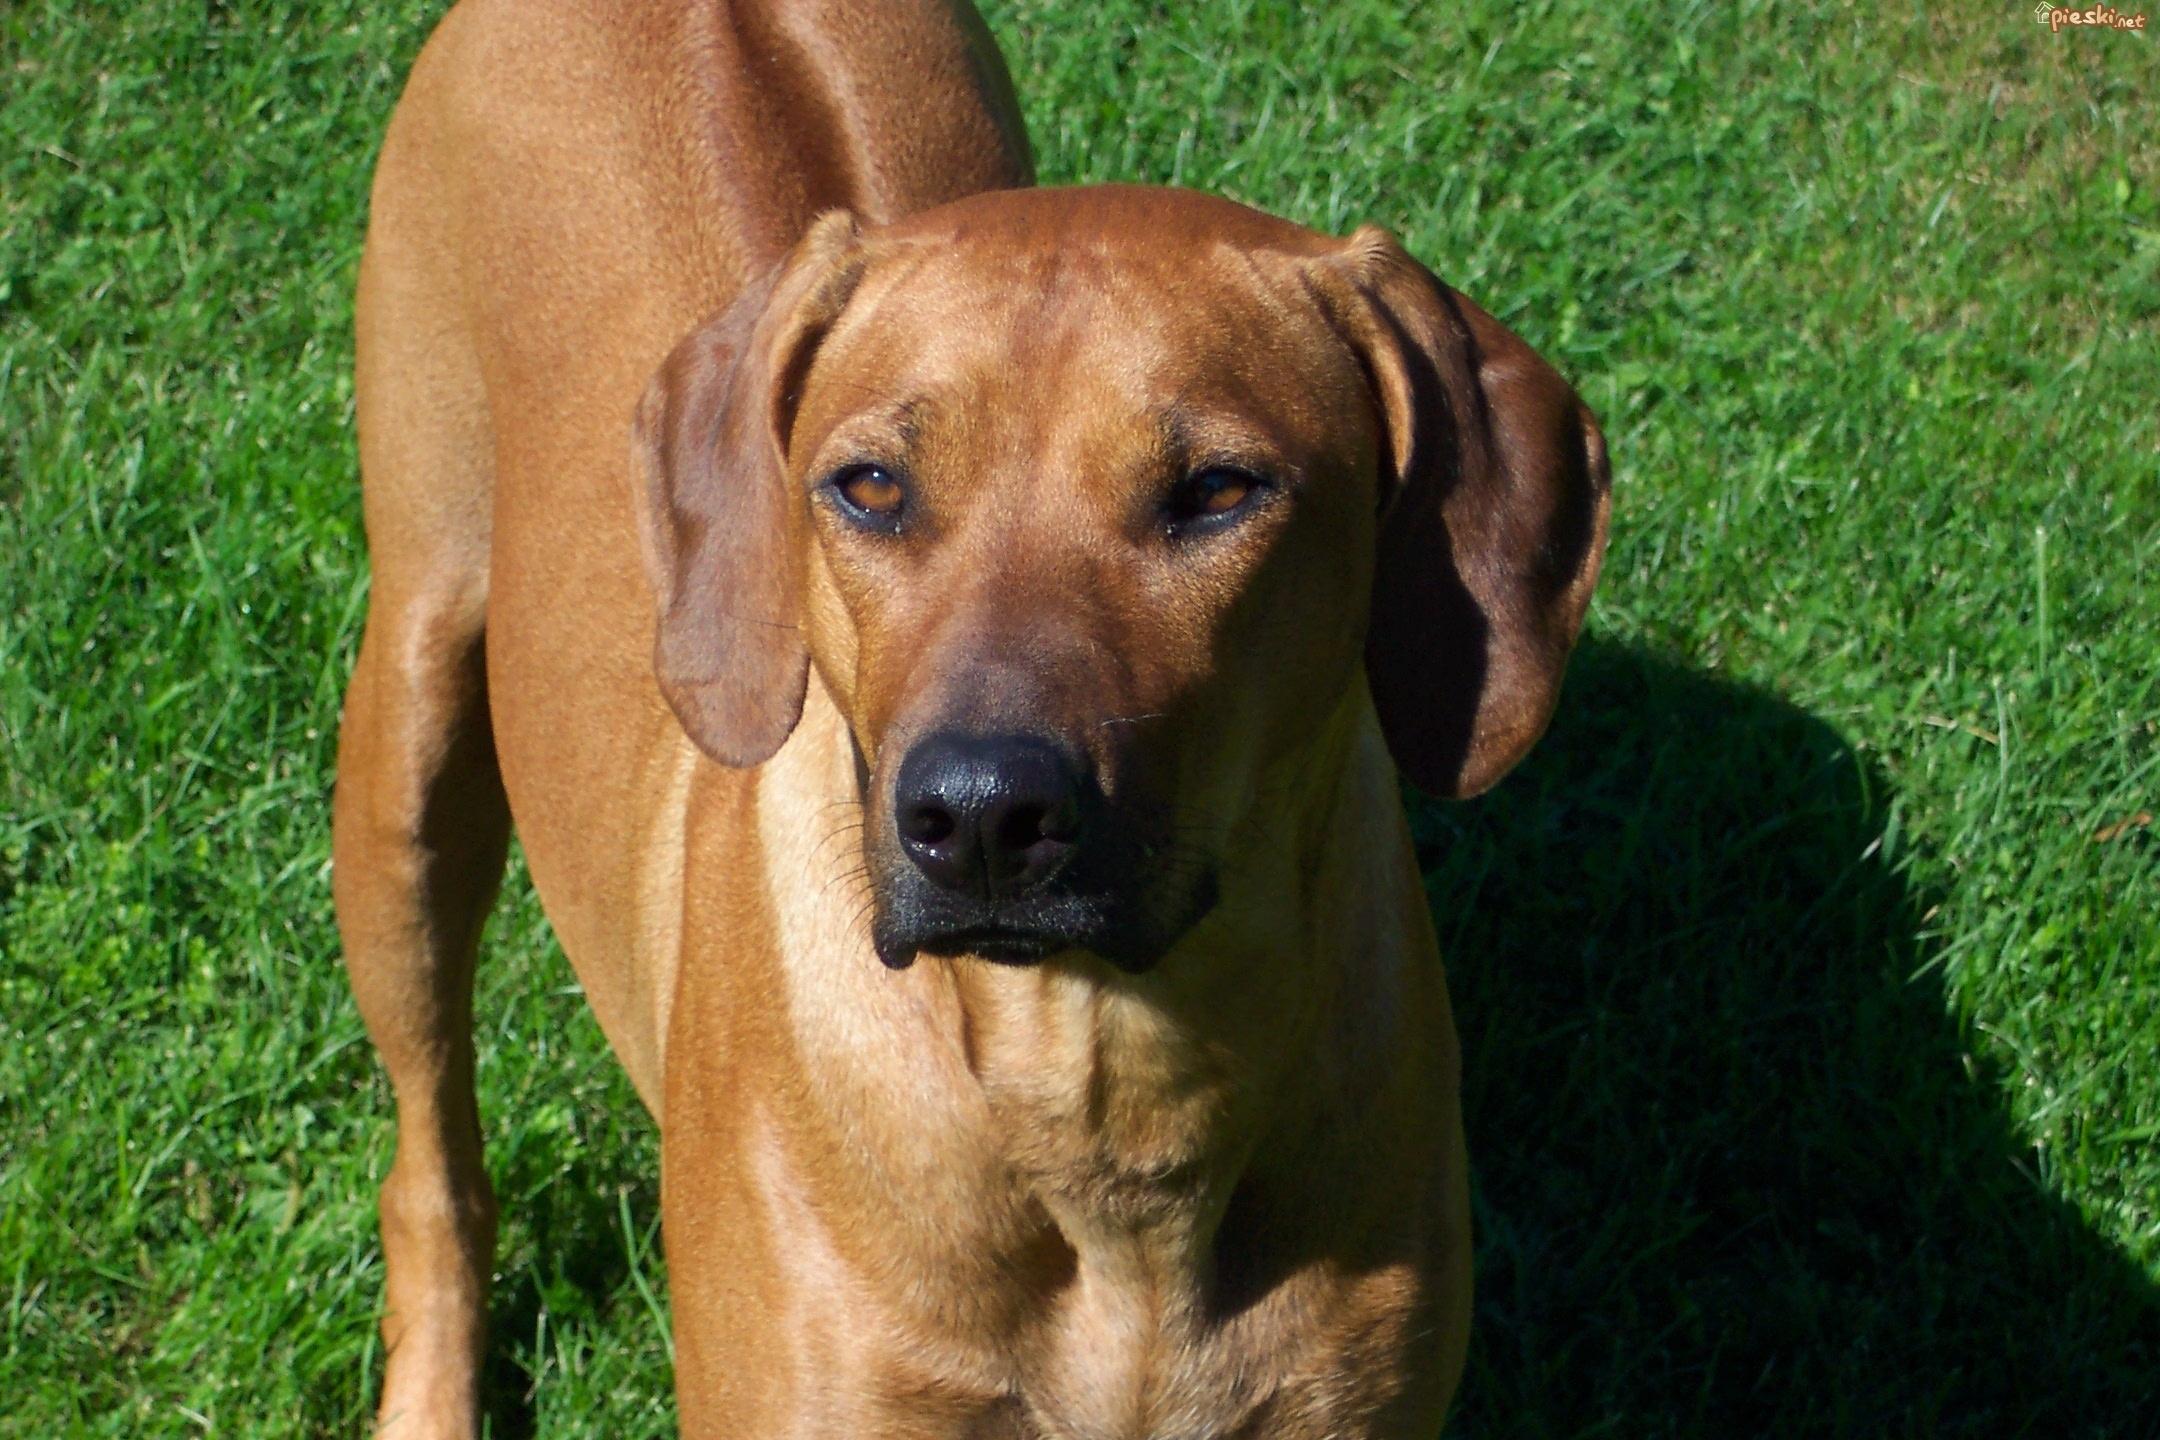 rhodesian ridgeback dog on field wallpaper